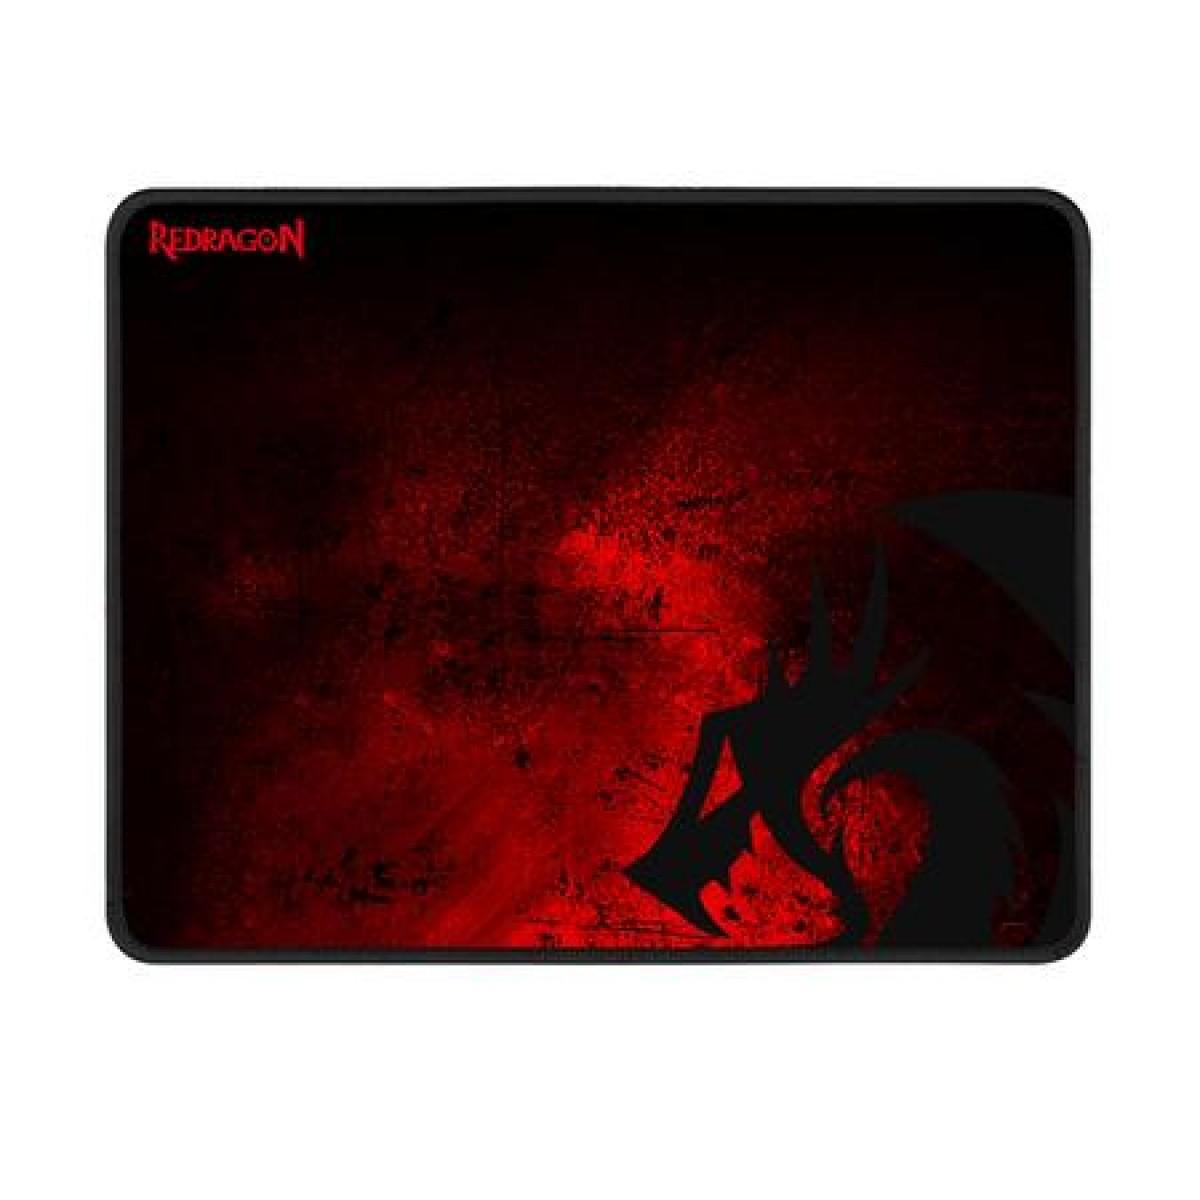 Combo Gamer Teclado, Mouse e Mousepad, Redragon S107